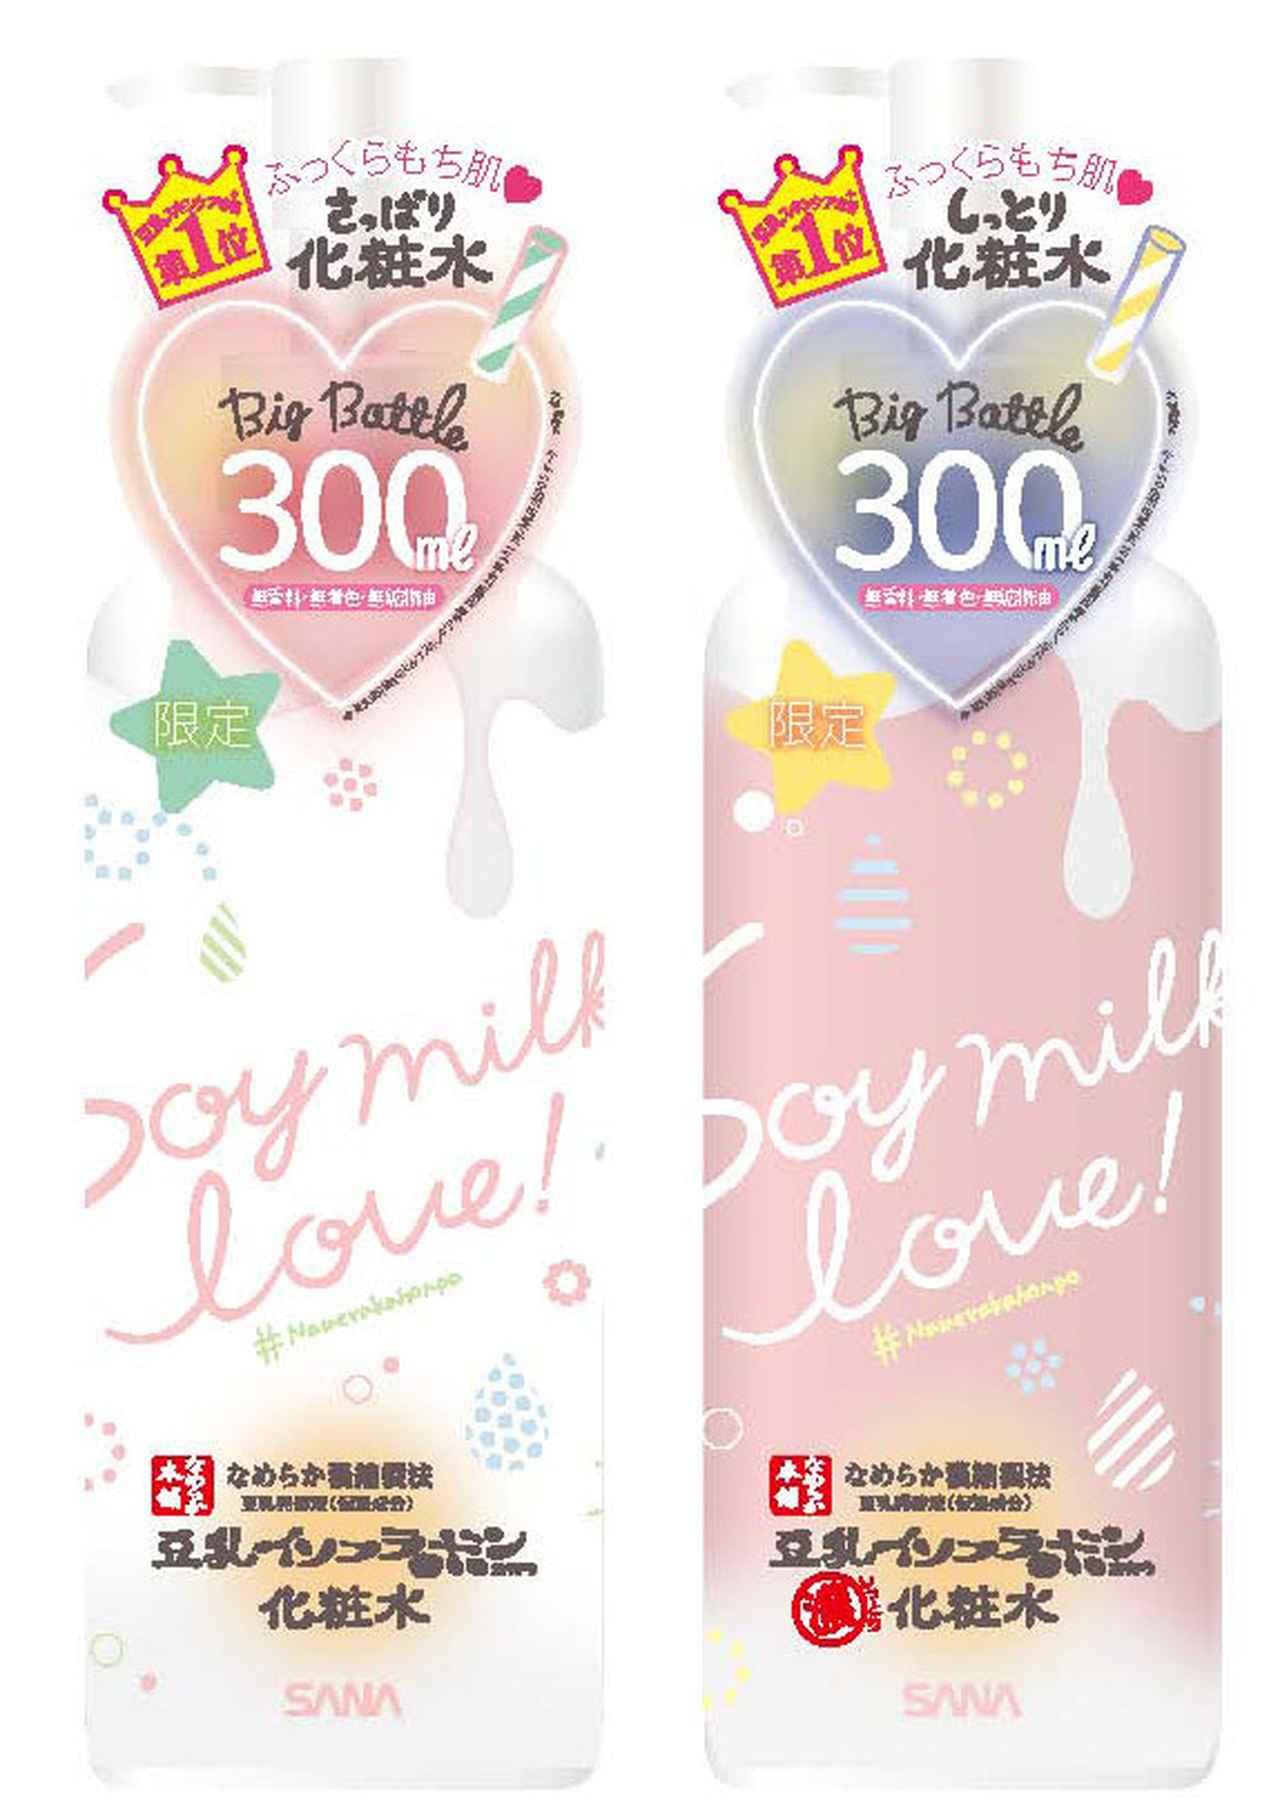 画像1: 豆乳スキンケア市場No.1『なめらか本舗』より、「化粧水」と 「しっとり化粧水」の大容量タイプ限定発売